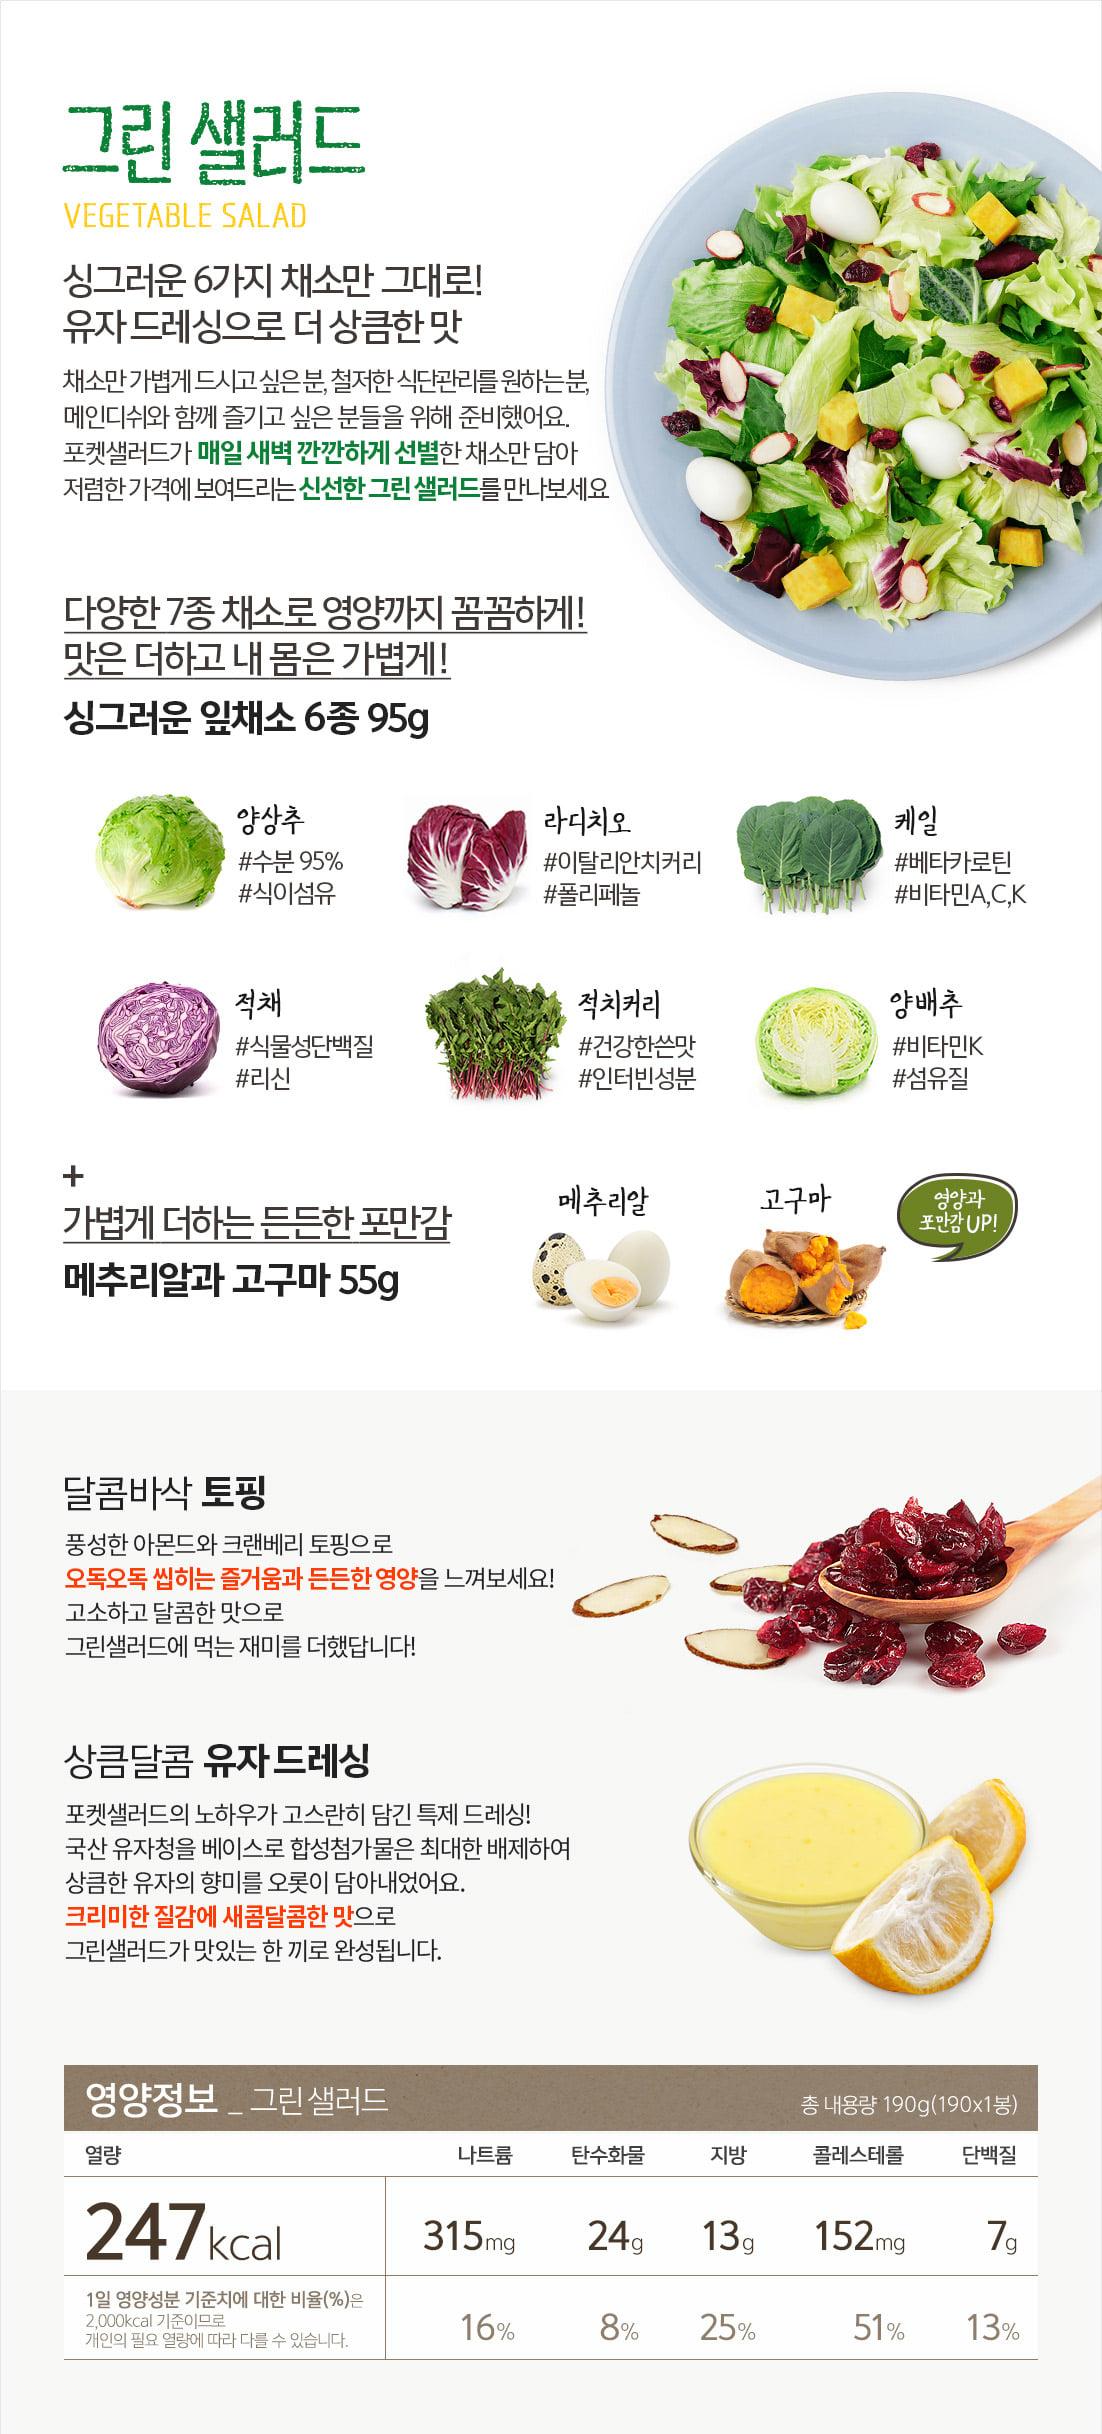 그린샐러드_설명&영양정보